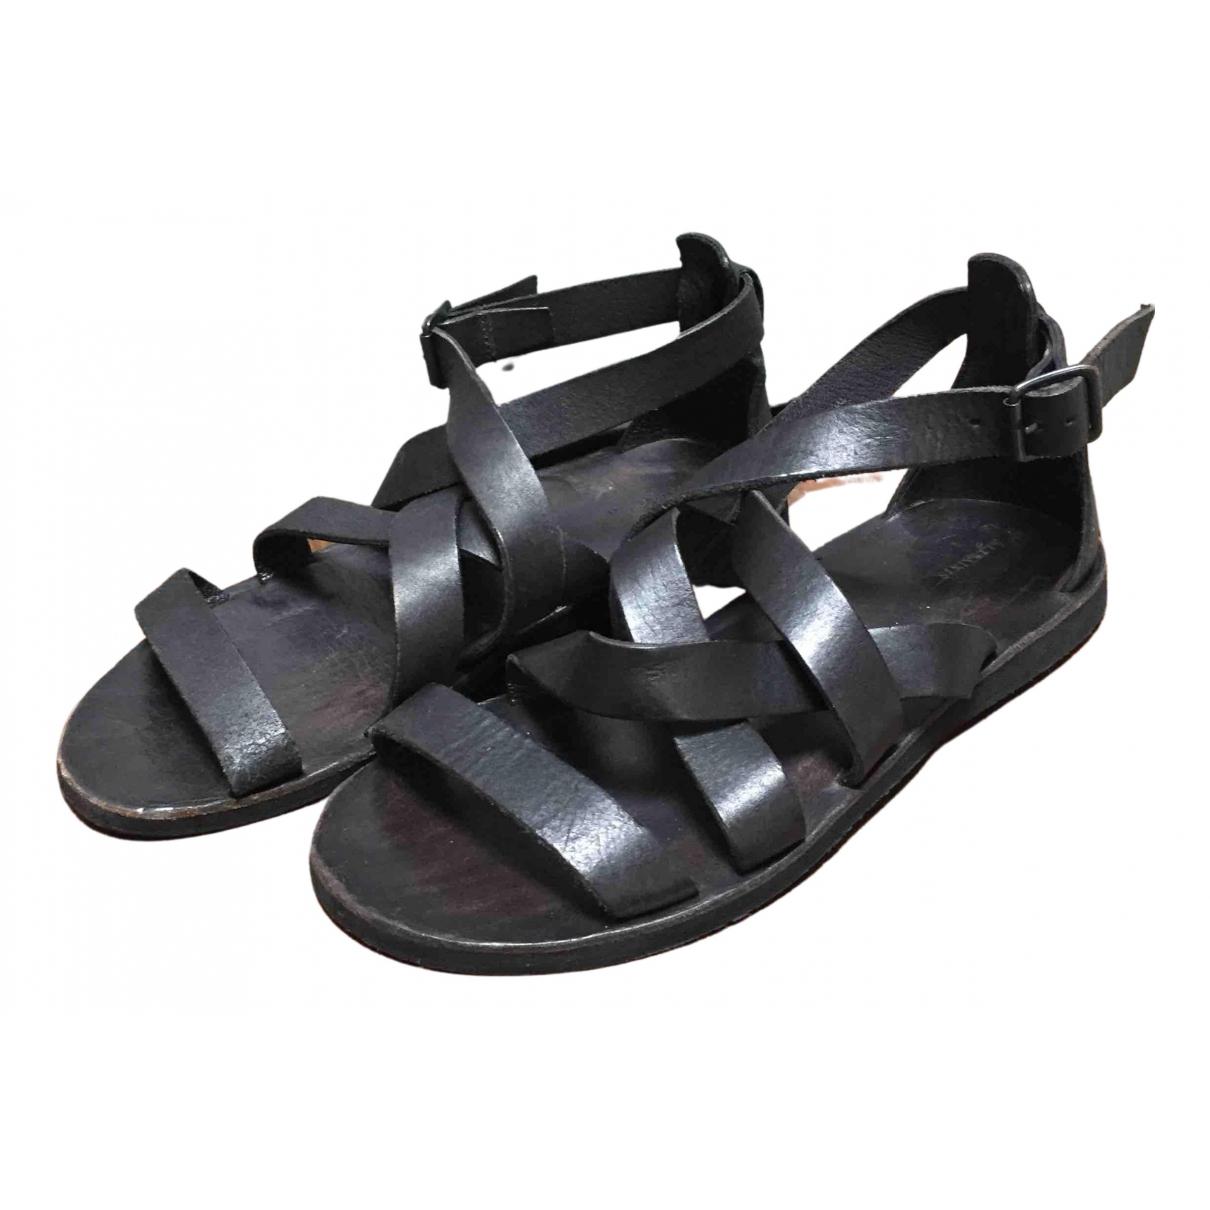 All Saints - Sandales   pour homme en cuir - noir